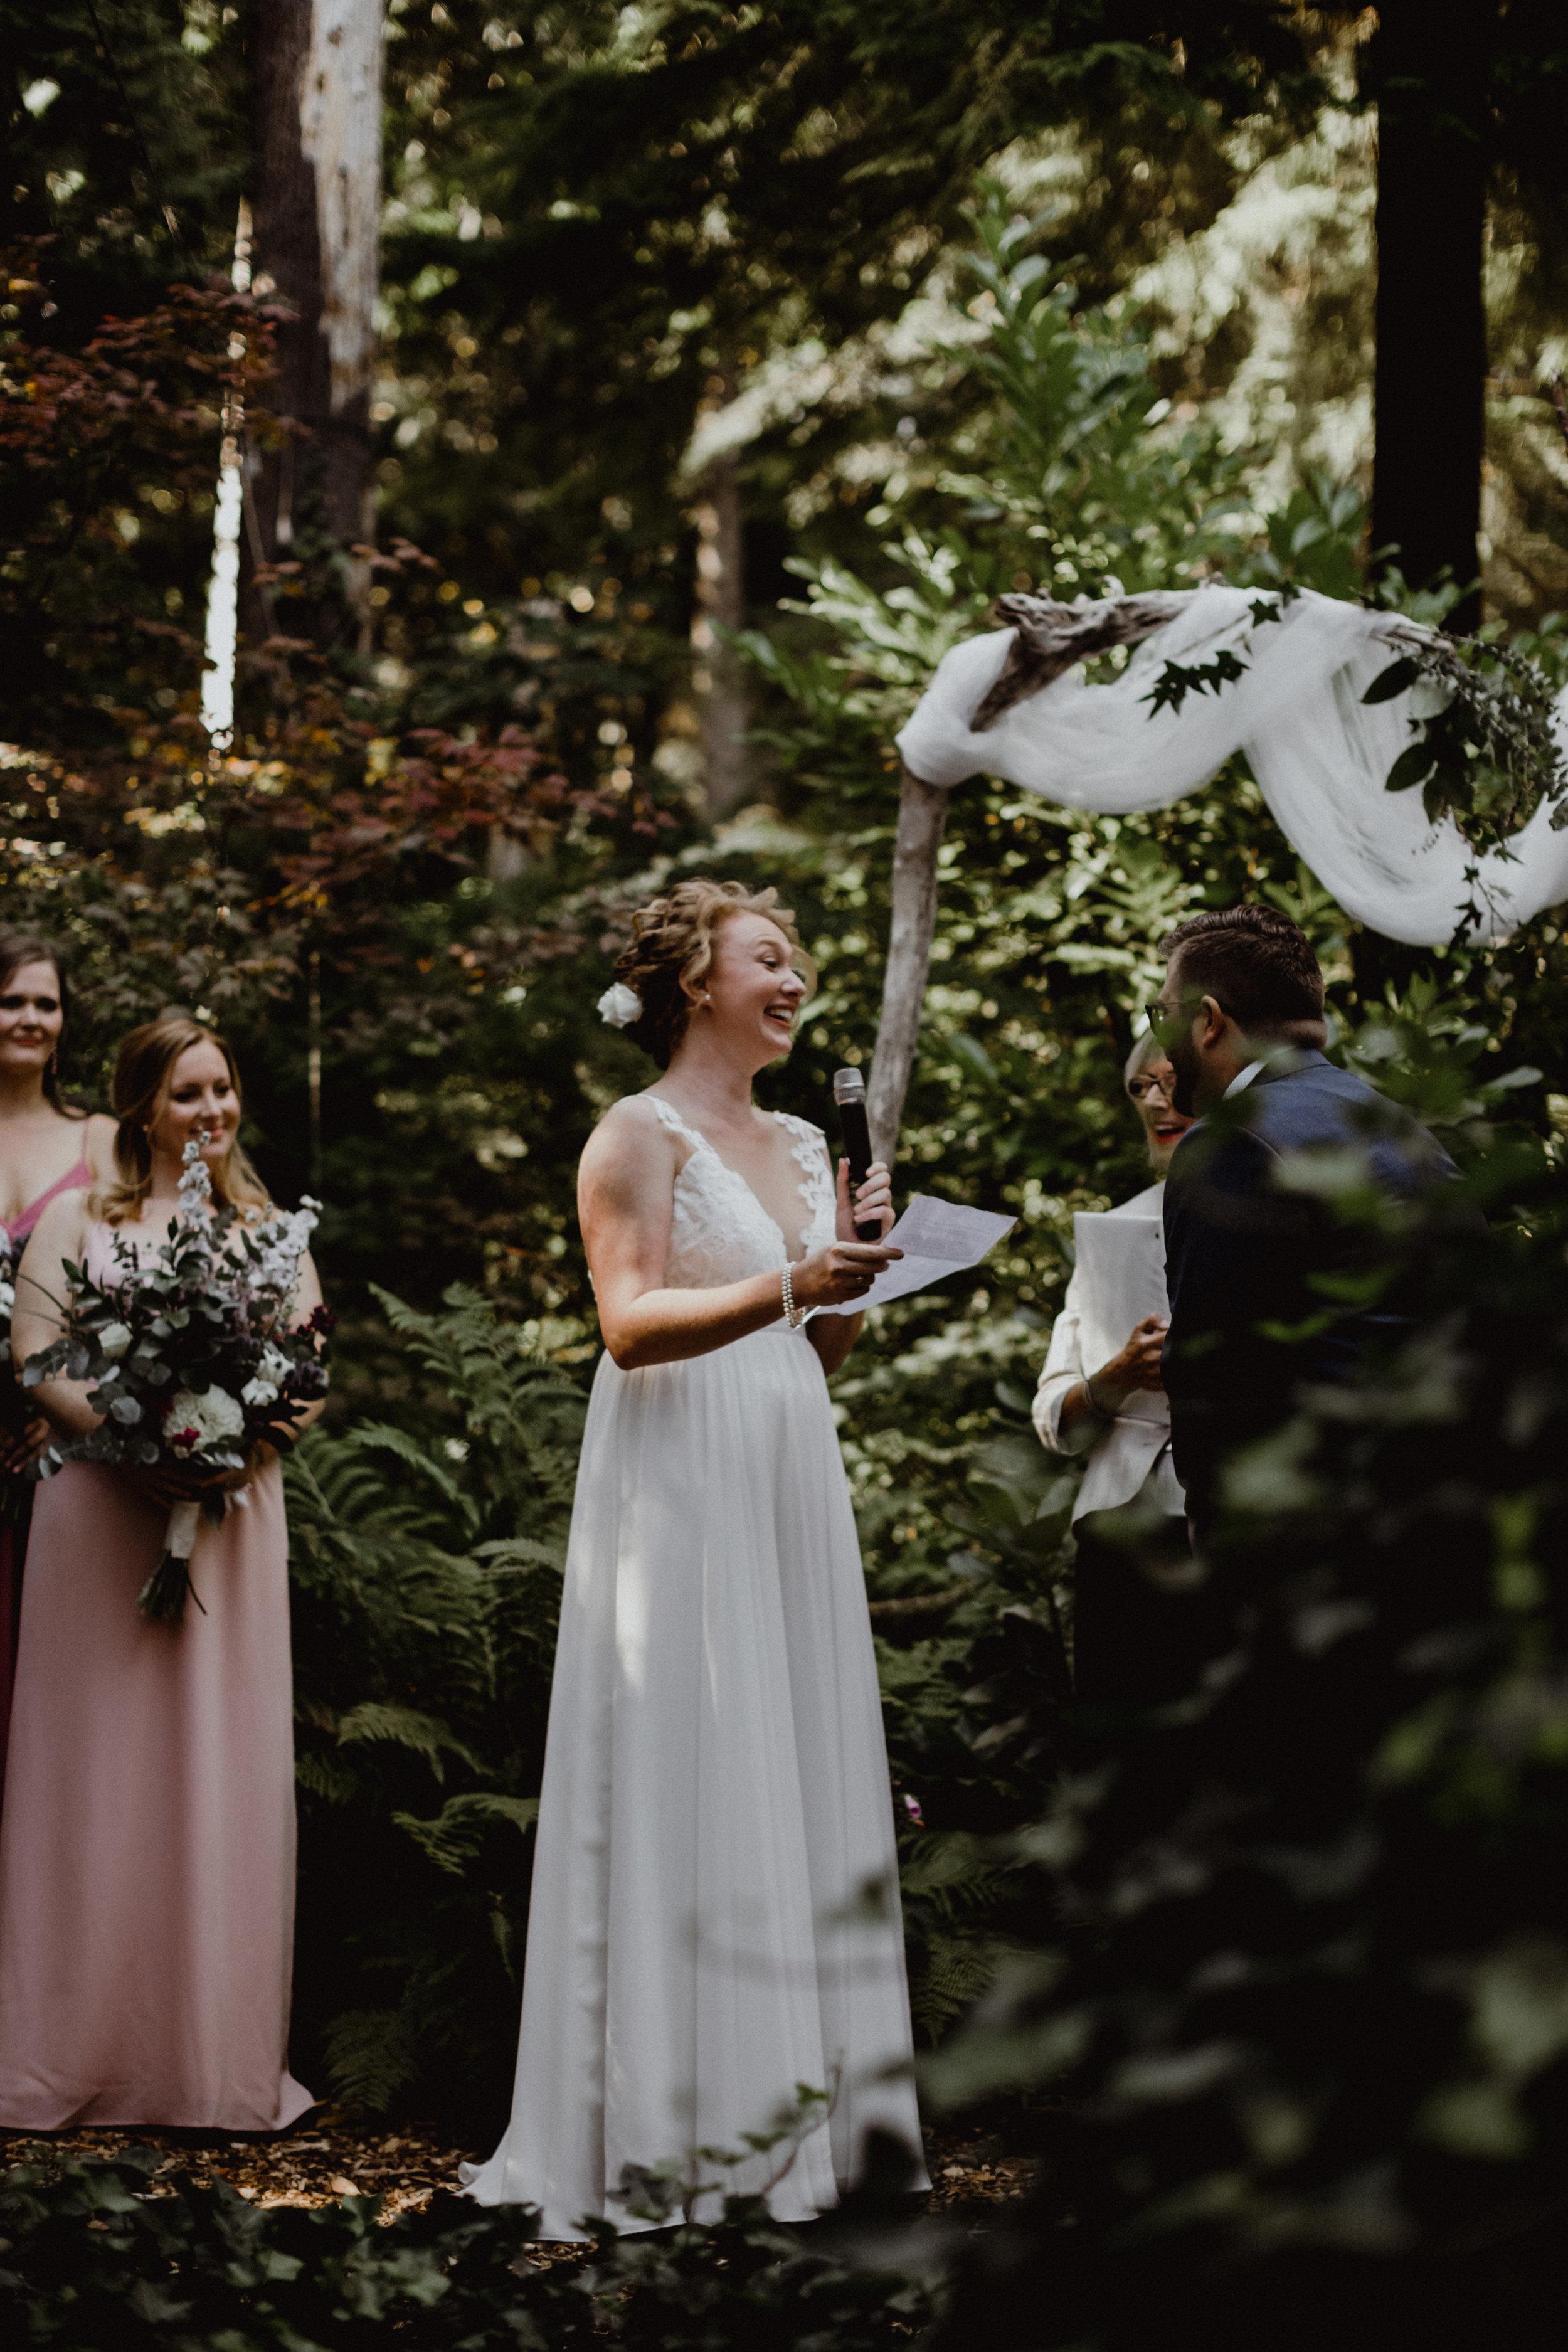 west-vancouver-backyard-wedding-113.jpg